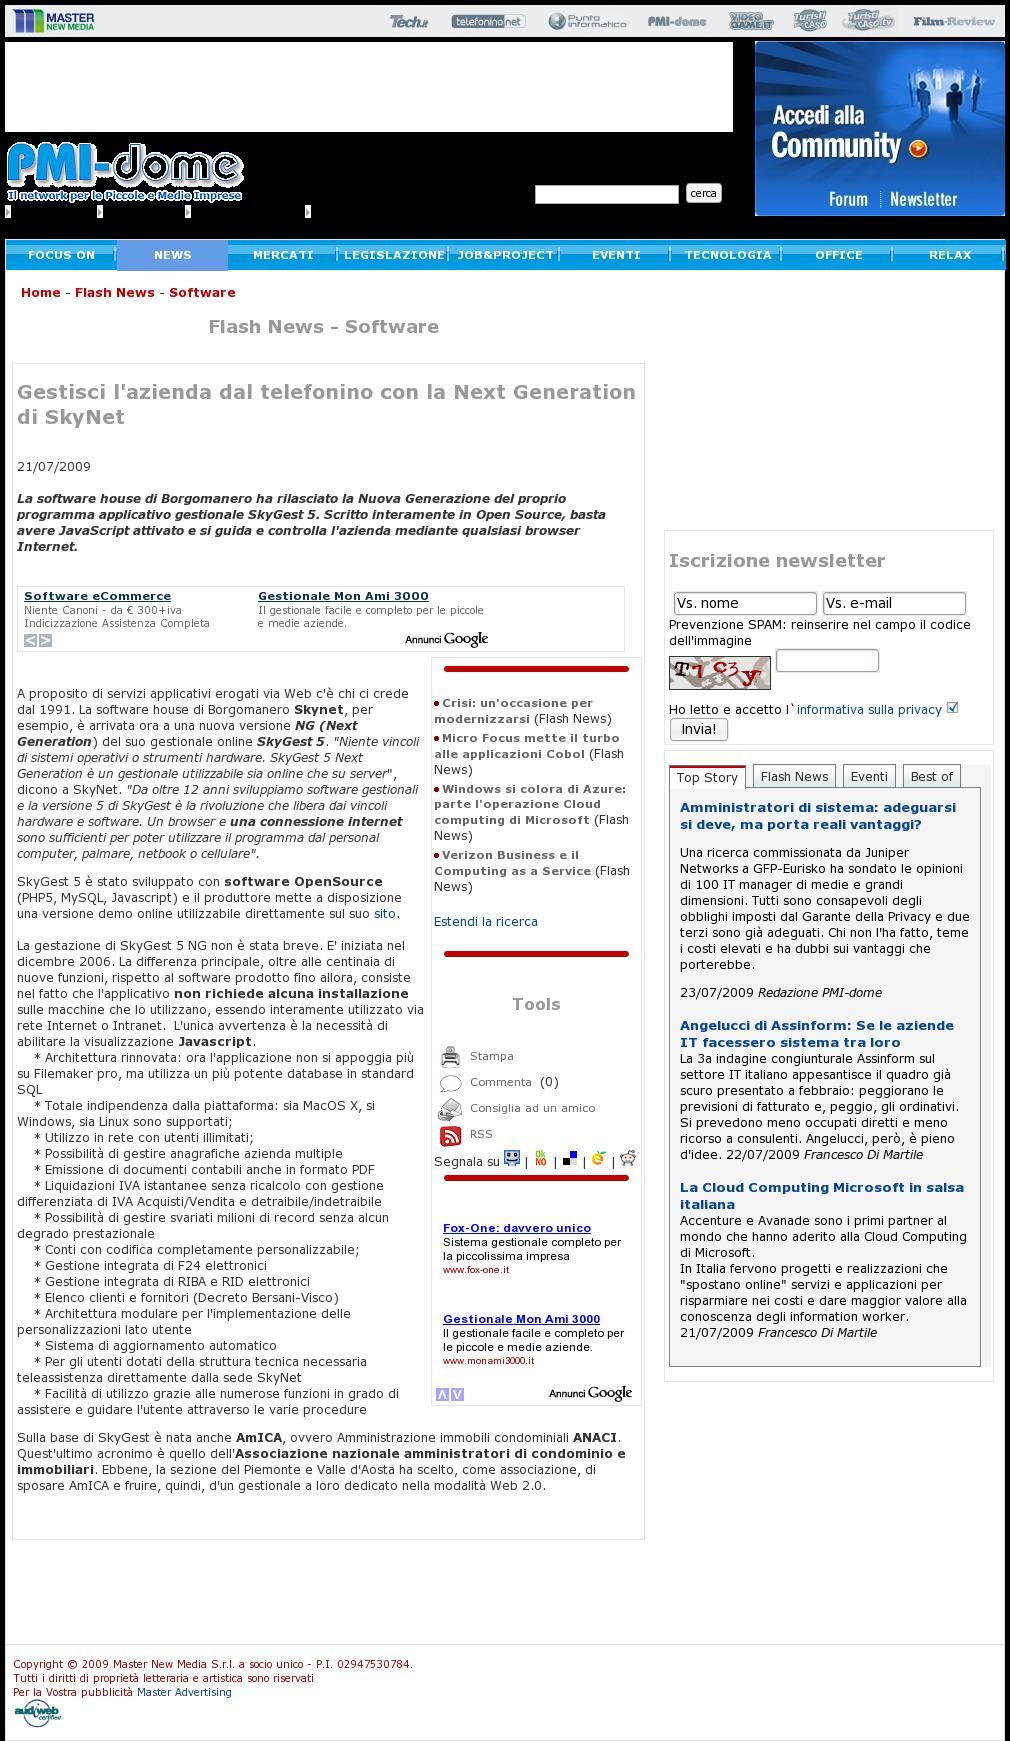 i-dome.com - Gestisci l'azienda dal telefonino con la Next Genera_210709